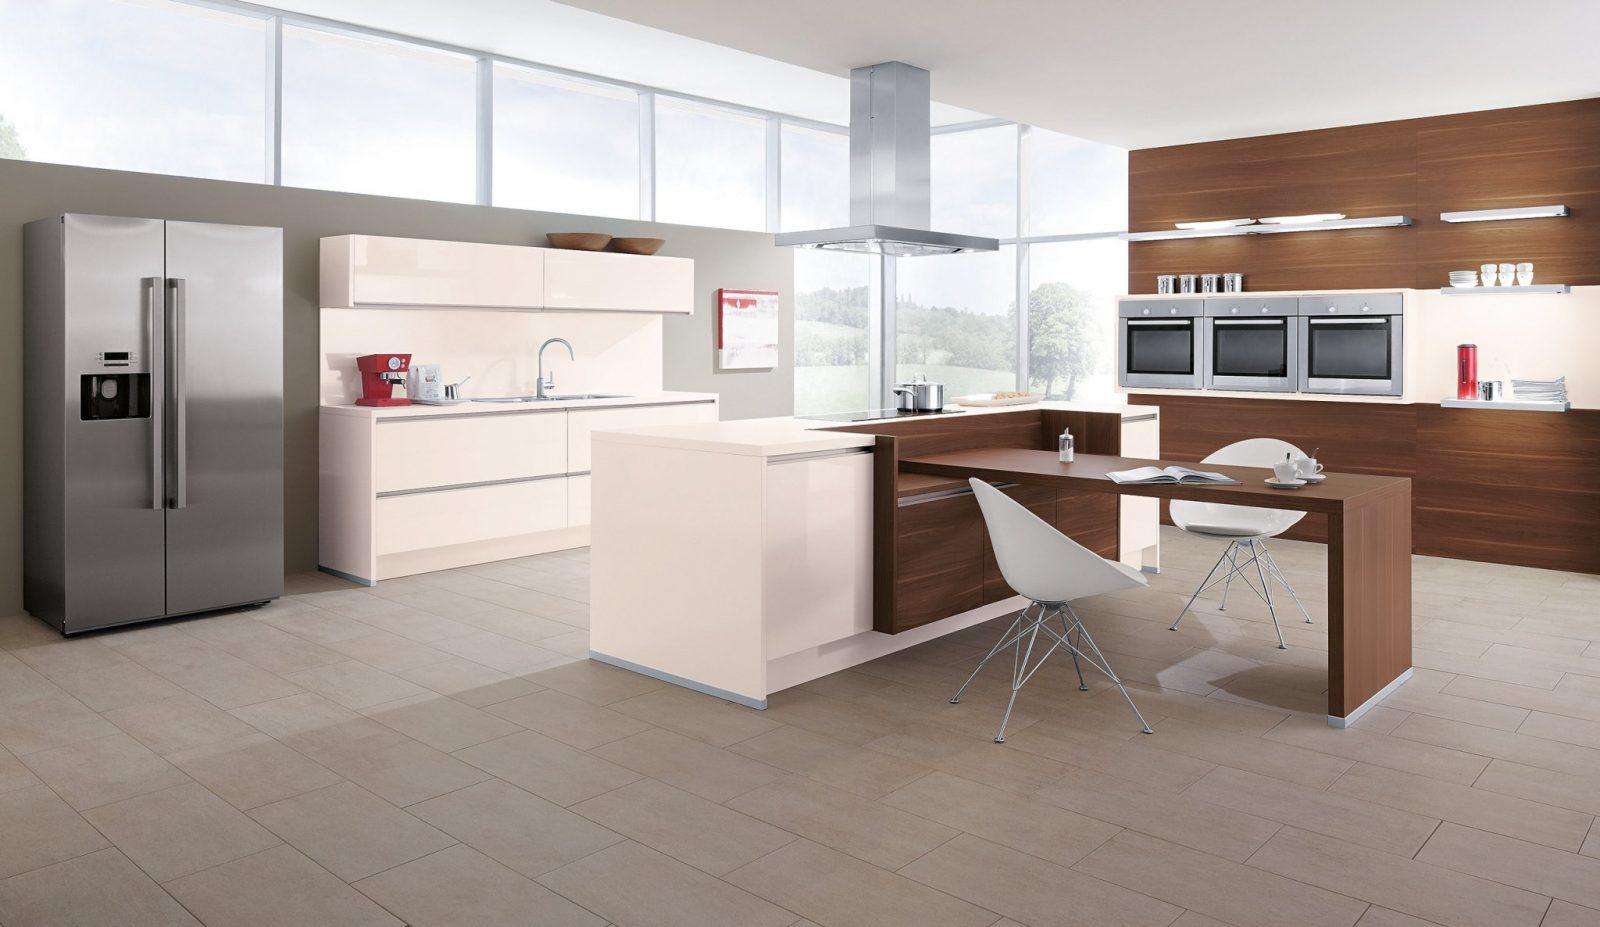 Kochinsel Mit Esstisch  Wohndesign Und Innenraum Ideen von Kochinsel Mit Integriertem Tisch Bild